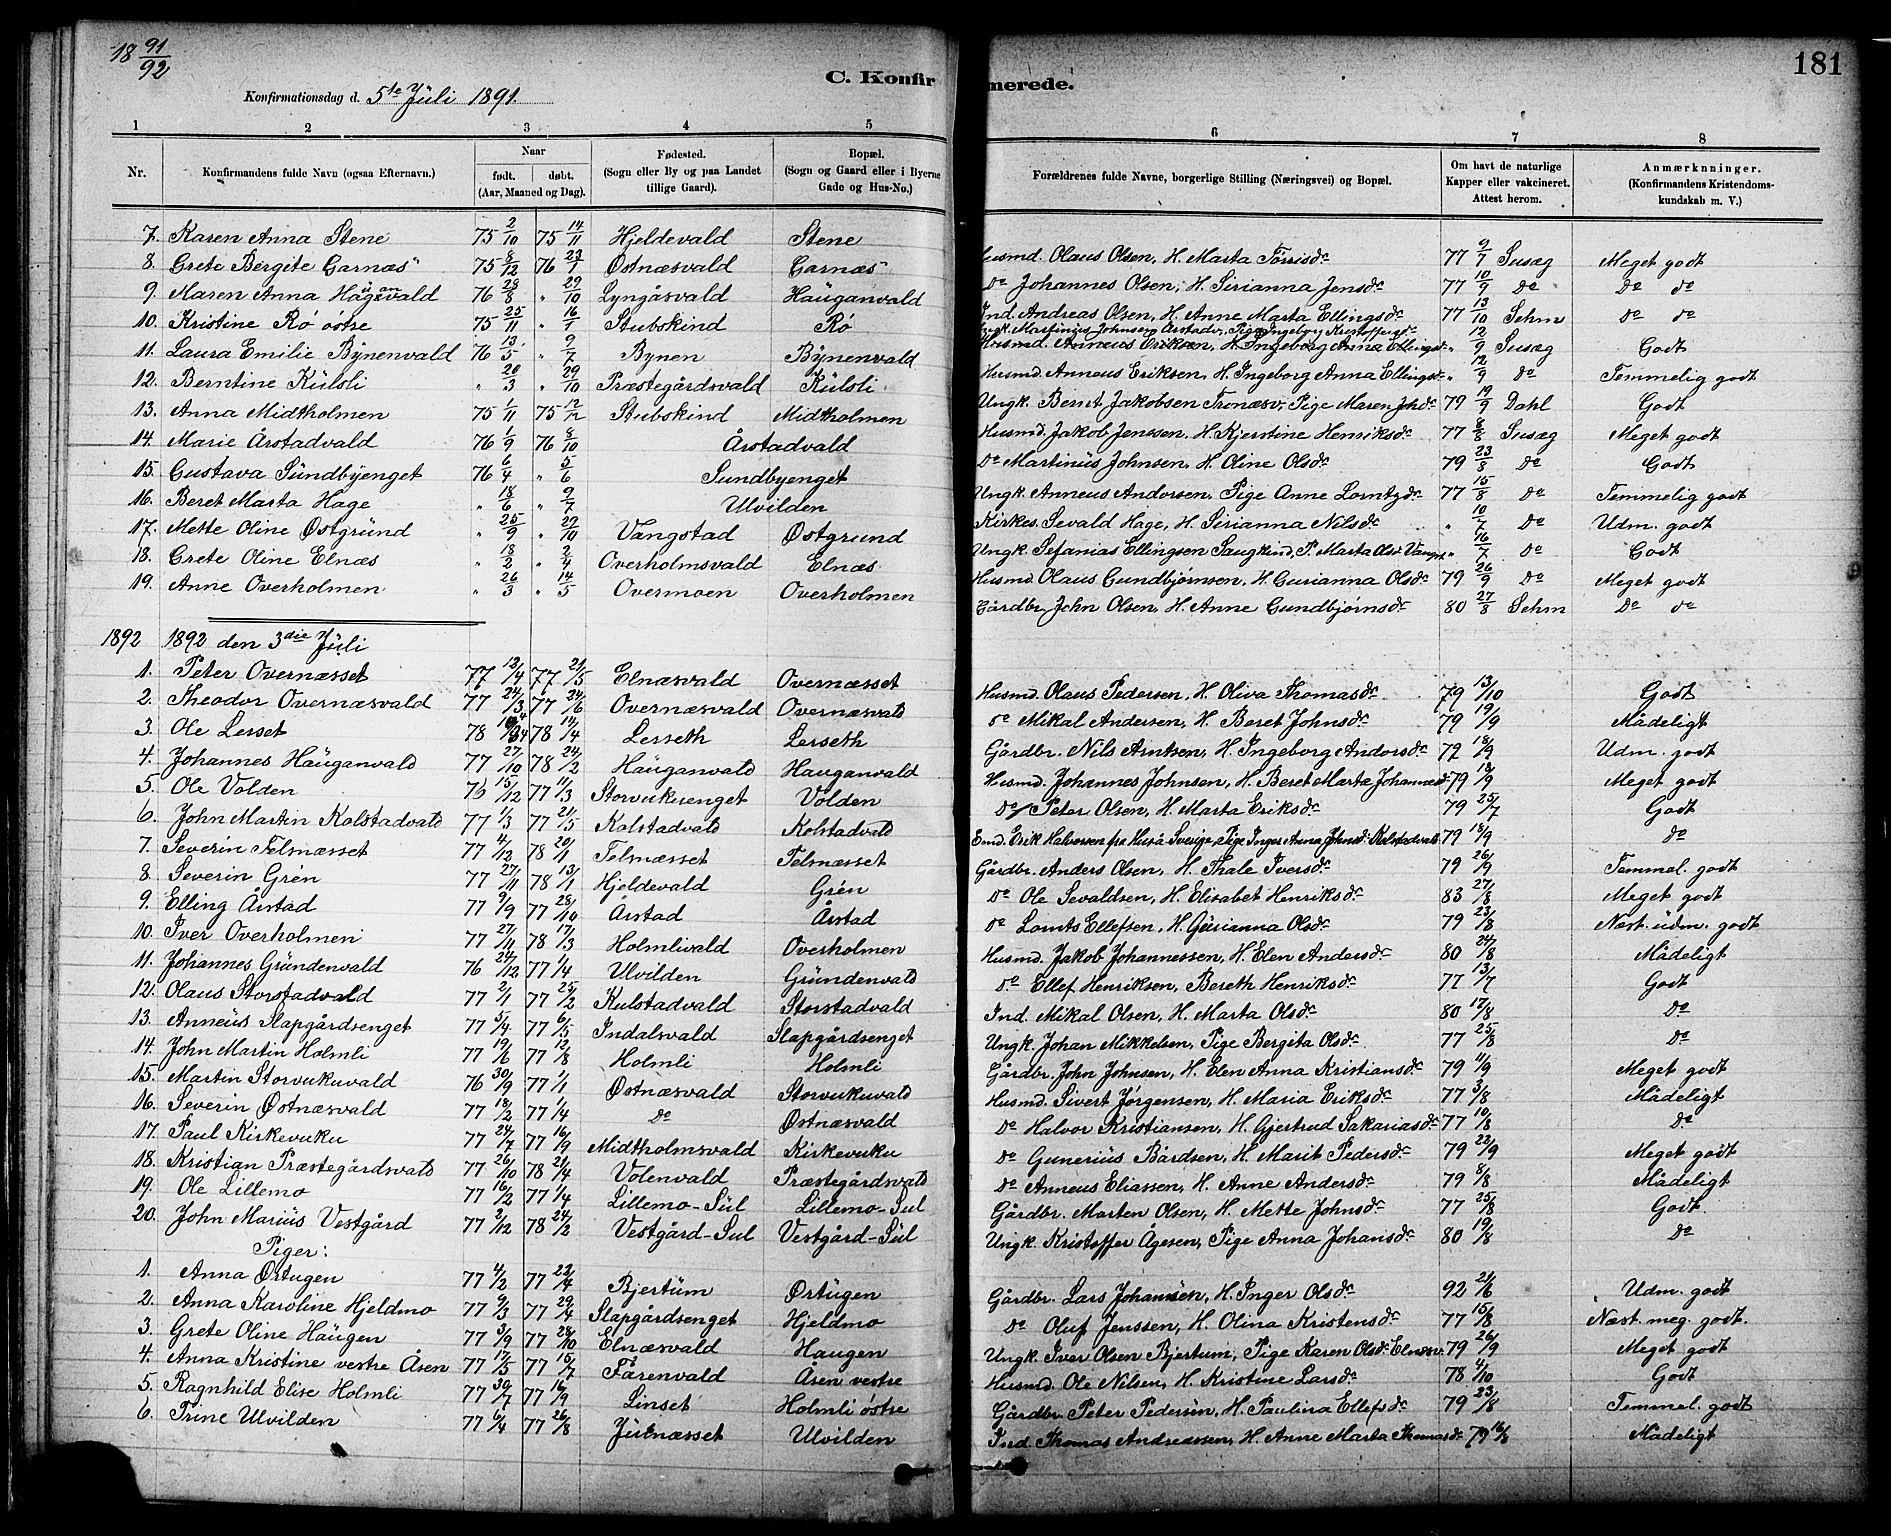 SAT, Ministerialprotokoller, klokkerbøker og fødselsregistre - Nord-Trøndelag, 724/L0267: Klokkerbok nr. 724C03, 1879-1898, s. 181